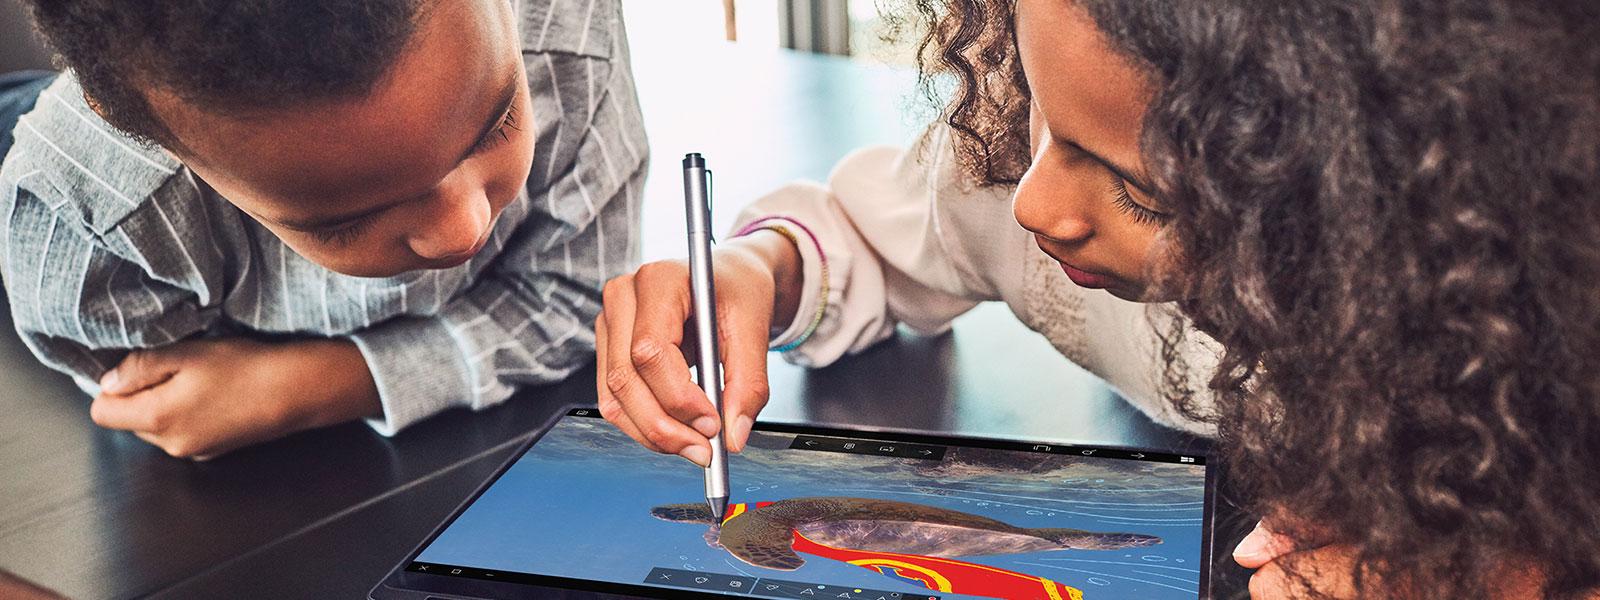 Des enfants qui dessinent avec Windows ink